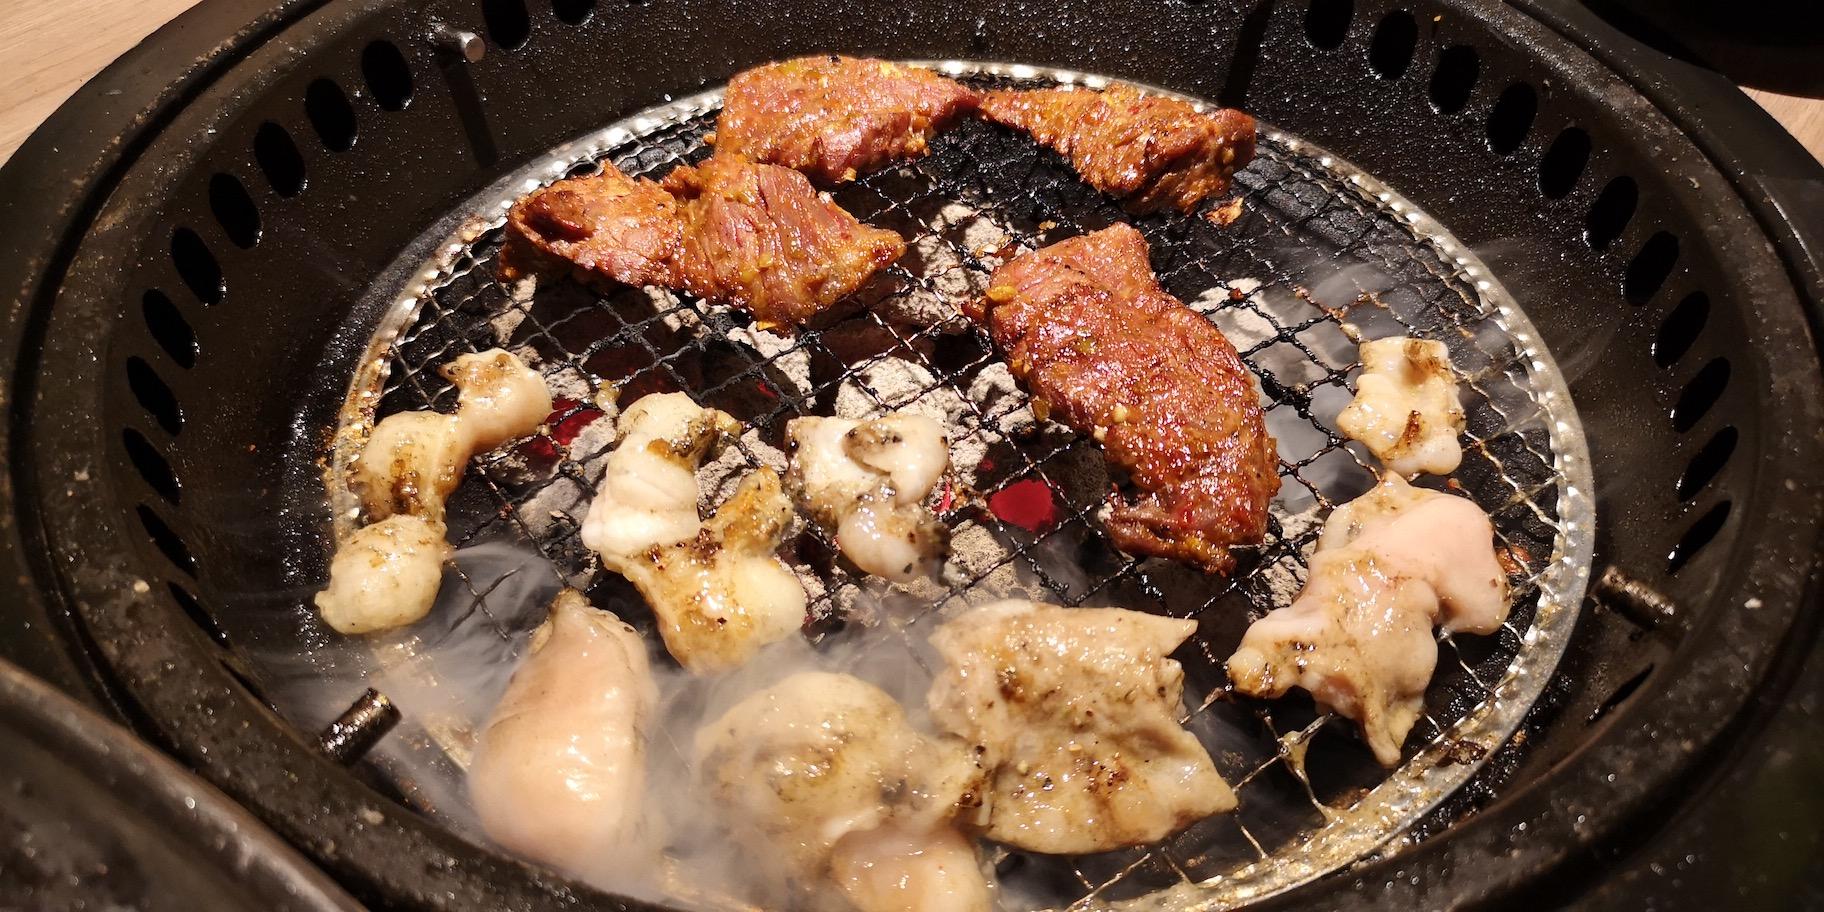 令和最初の「肉と日本酒」突然の石焼ビビンバ登場に脱帽